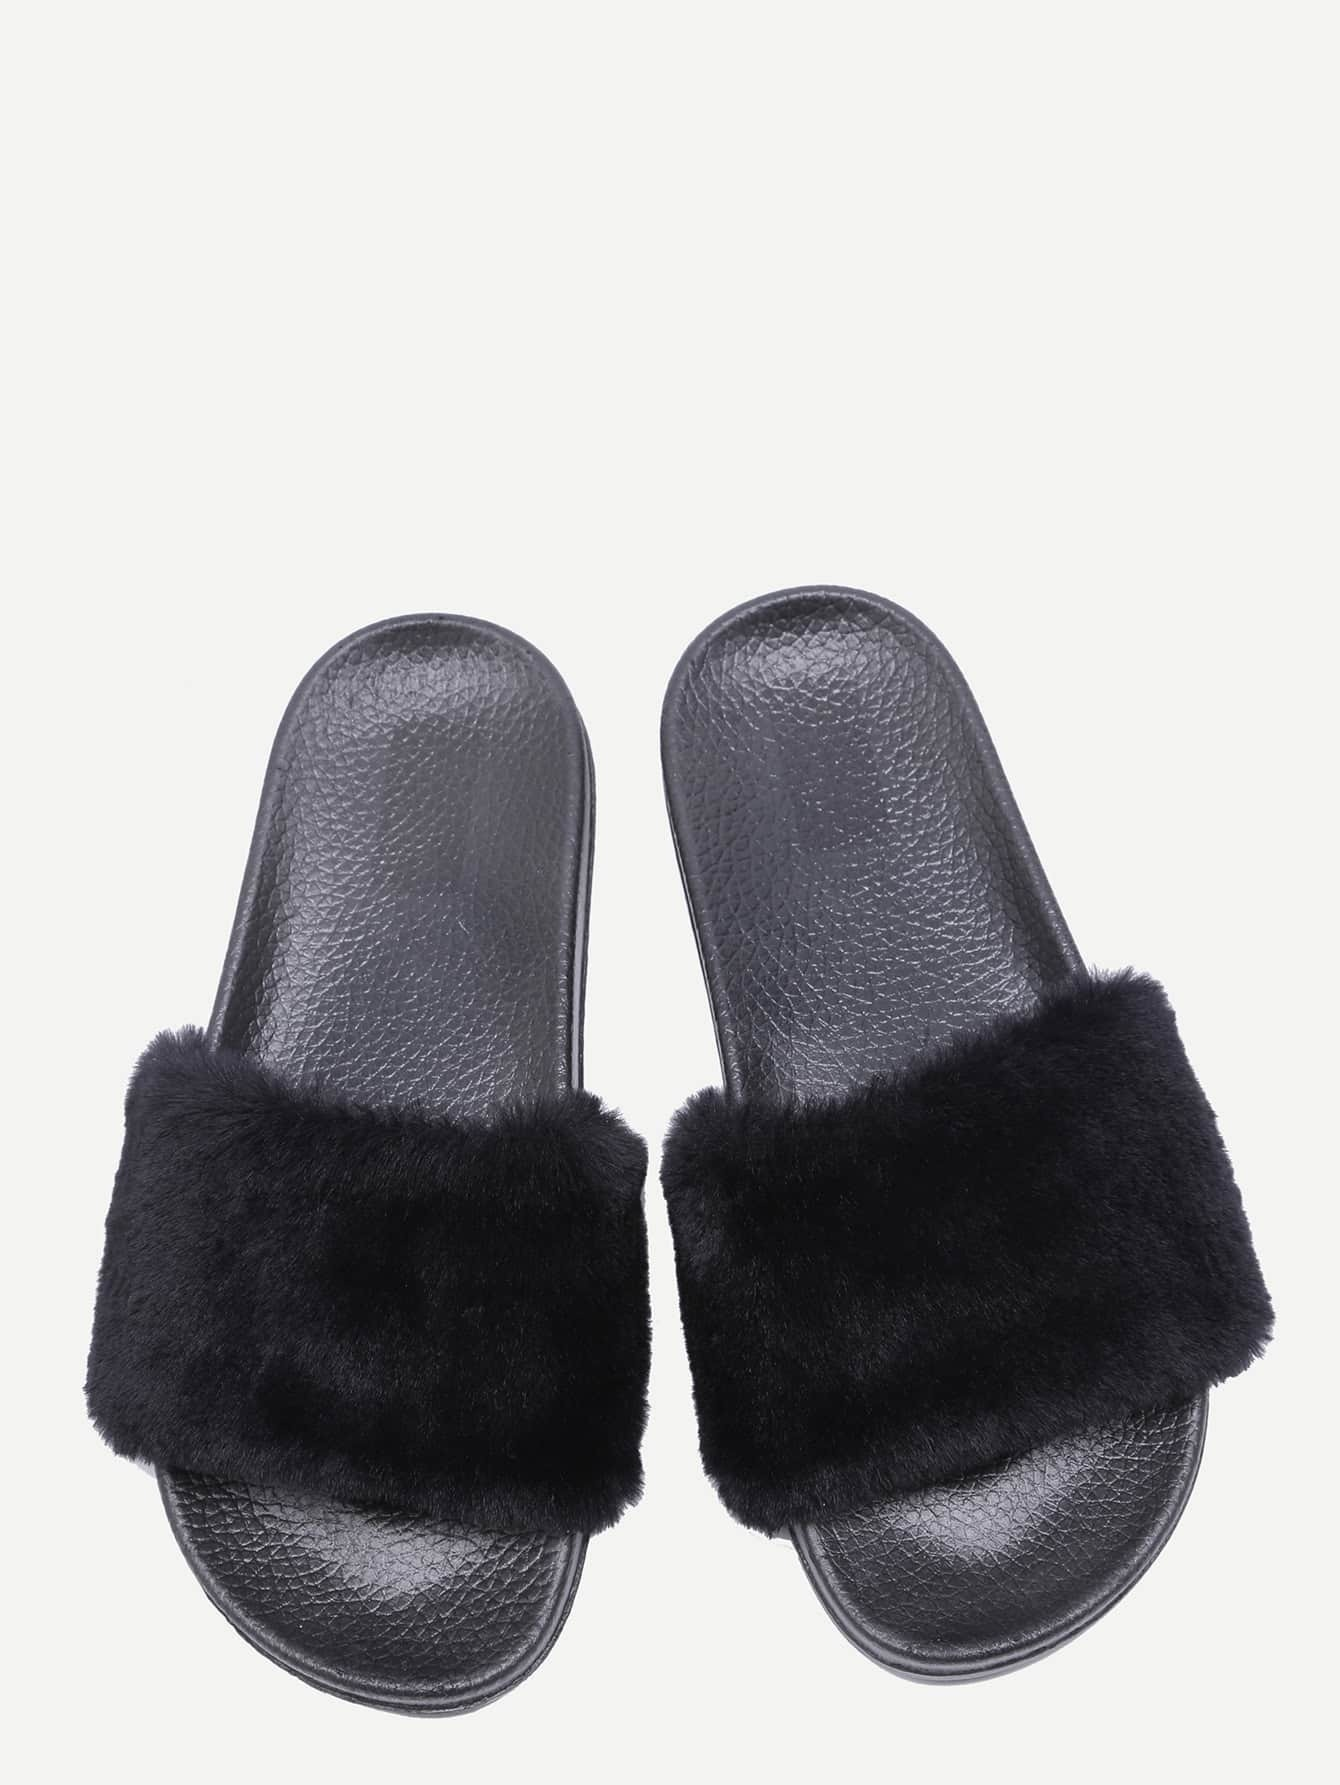 shoes161104807_2